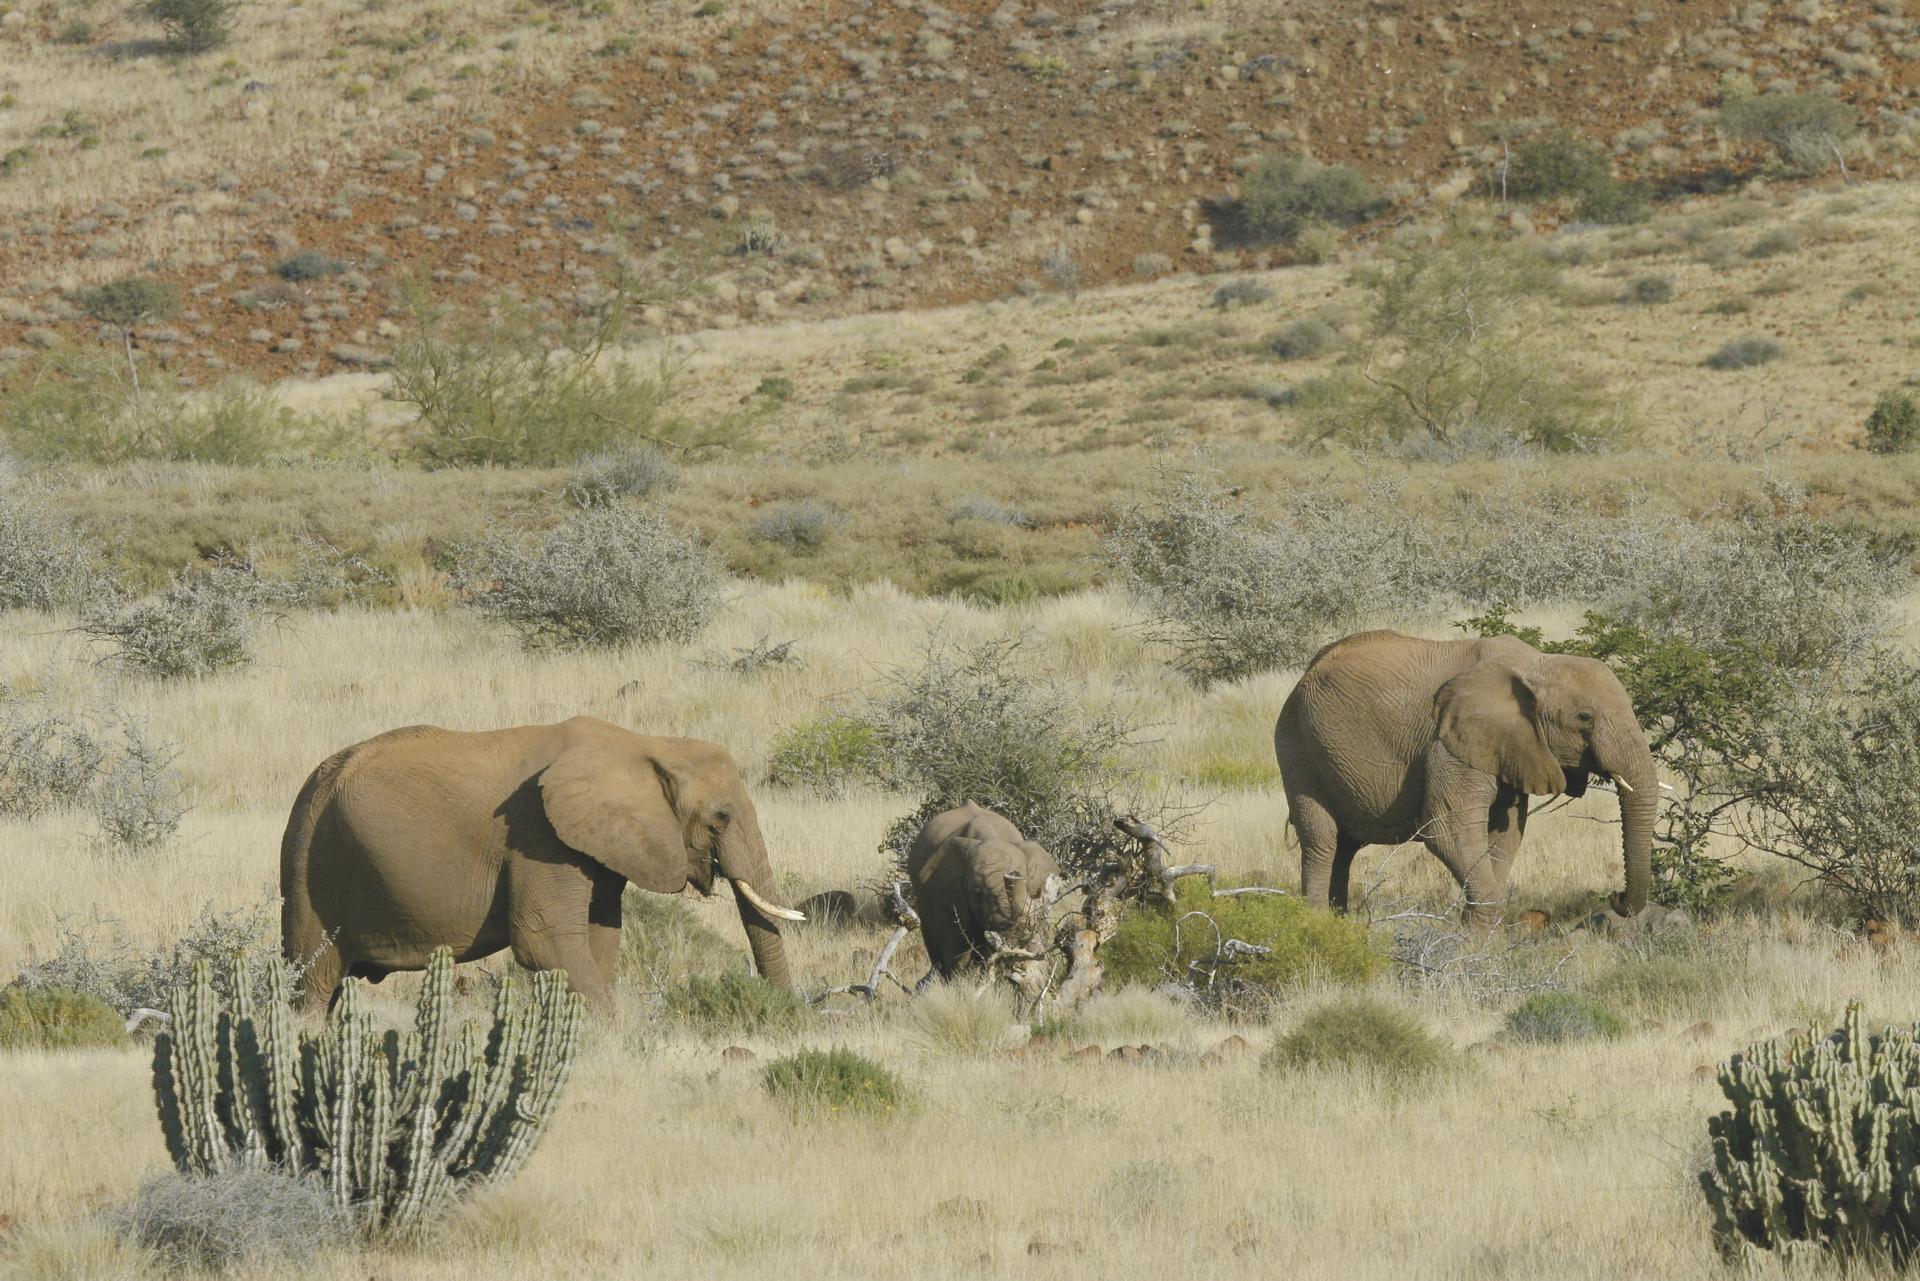 Wüsten-Elefantenherde